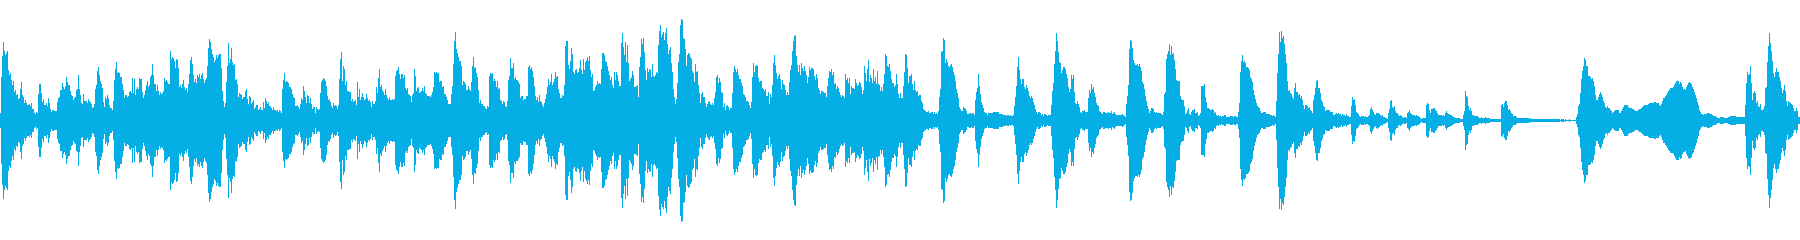 小編成ストリングスによる不気味なBGMの再生済みの波形